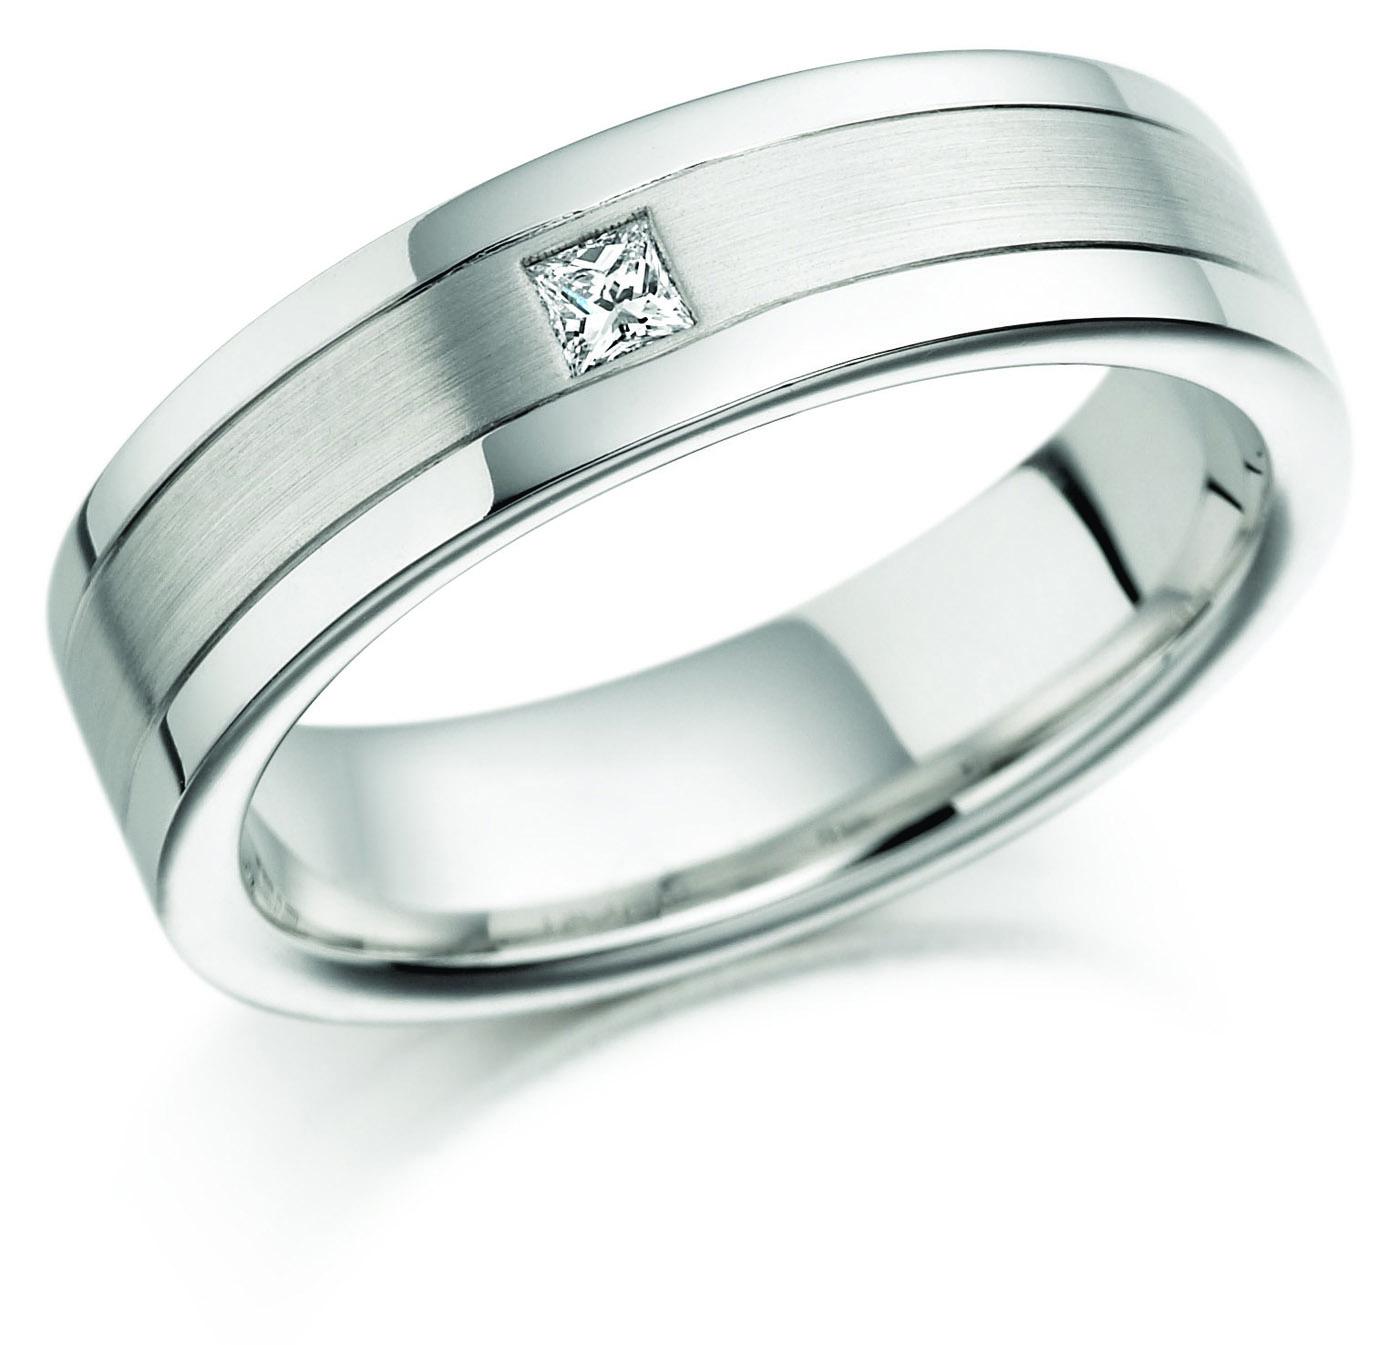 18ct 6mm White Gold Diamond Set Wedding Ring-0